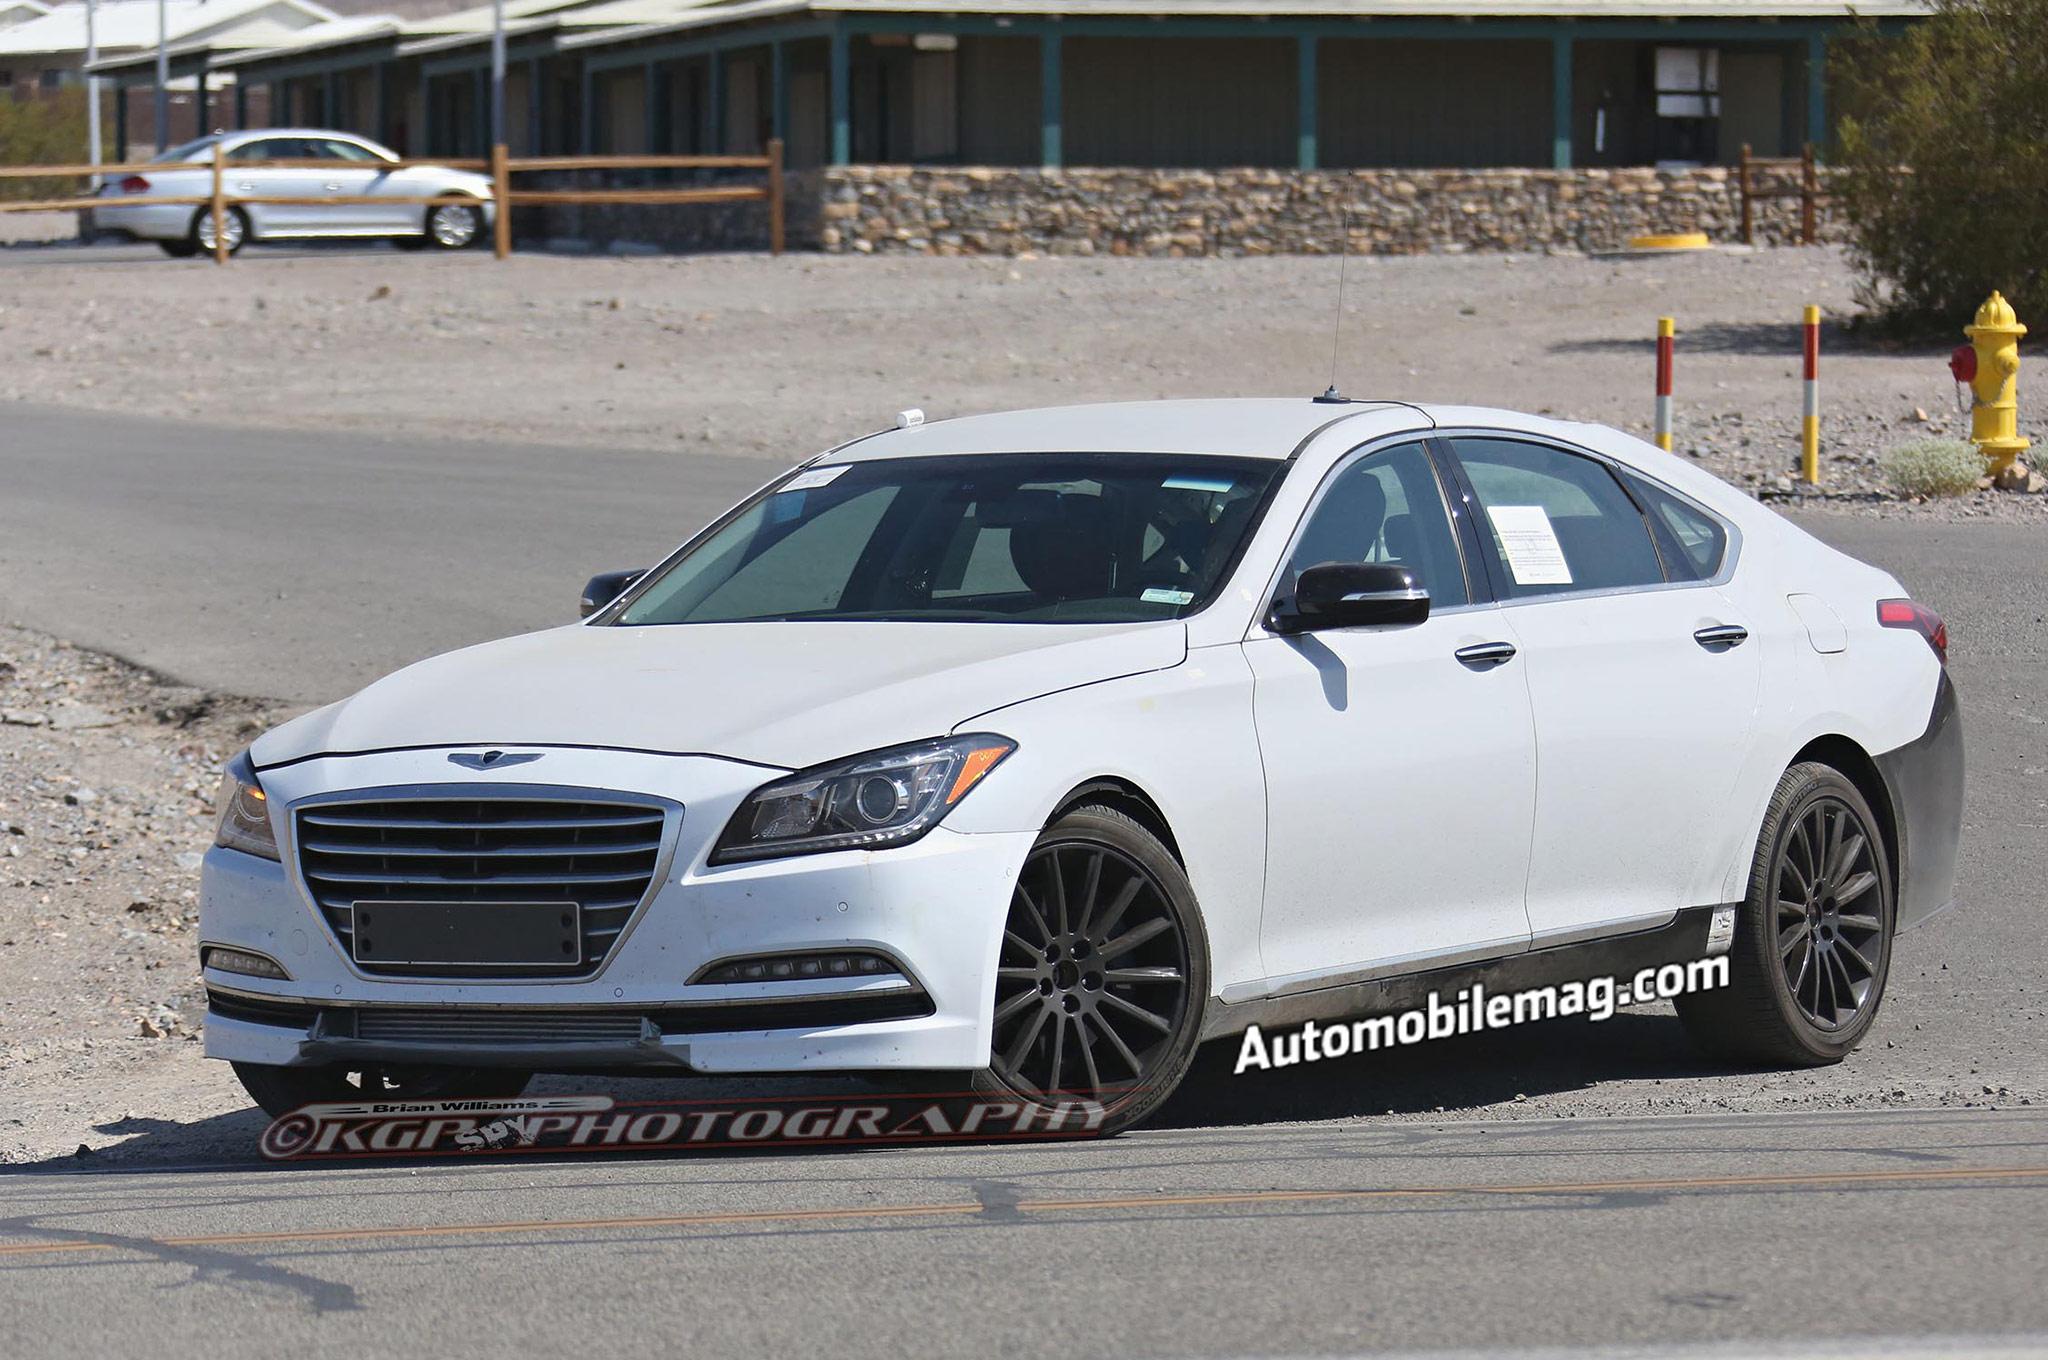 2015 Hyundai Equus Ultimate Full Review /Exhaust /Test ...  2015 Equus